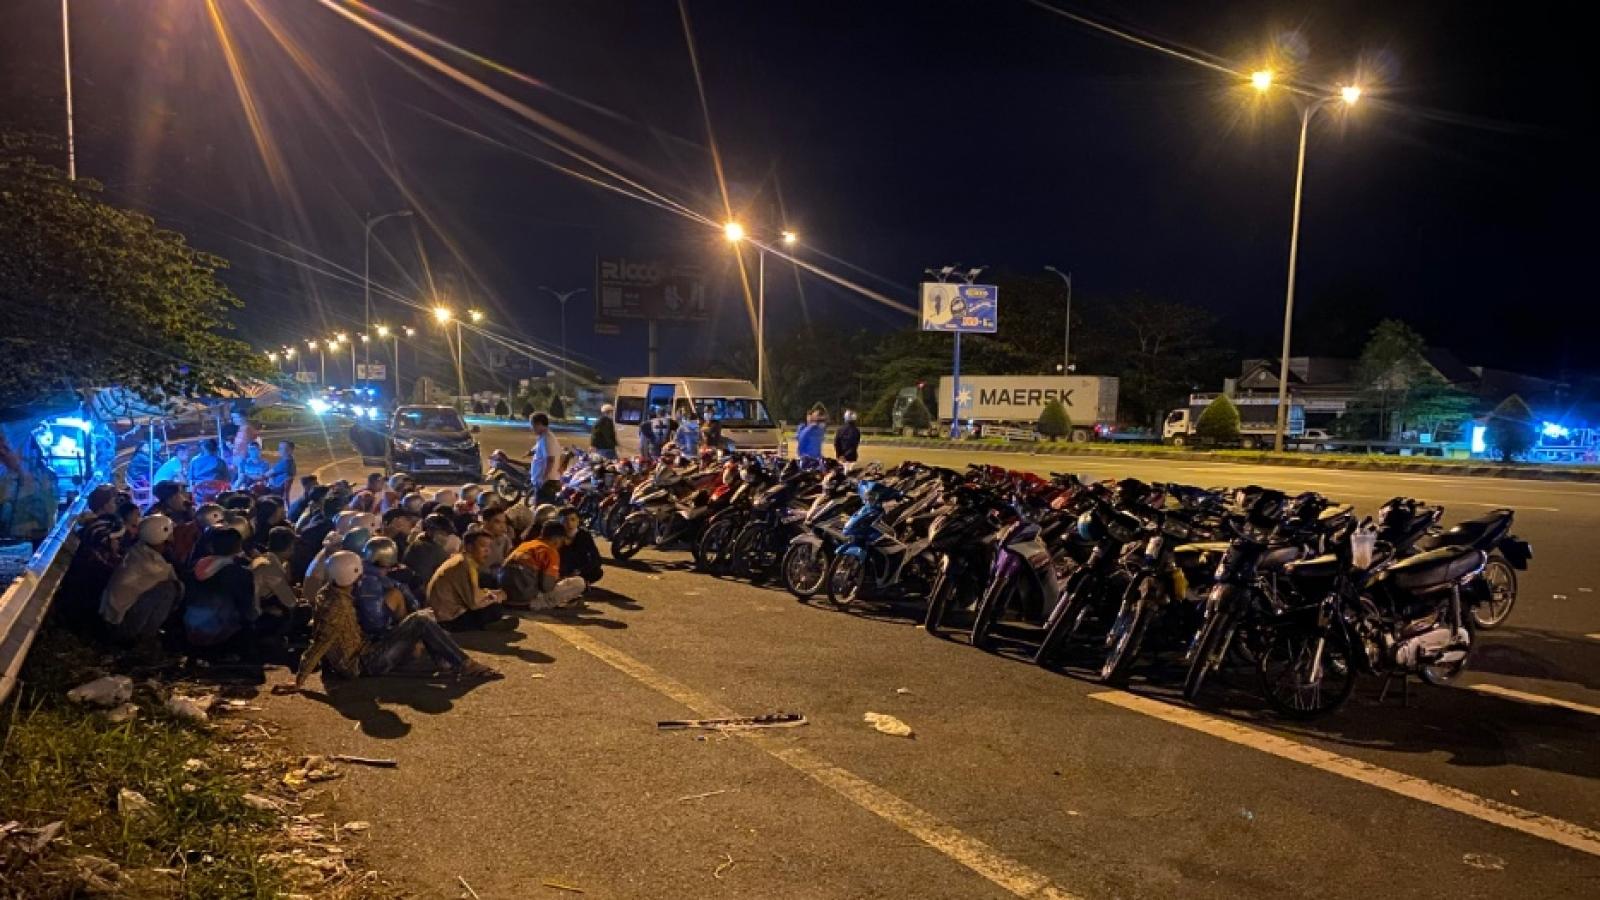 Vây bắt 52 người đua xe trái phép trên cầu Cần Thơ